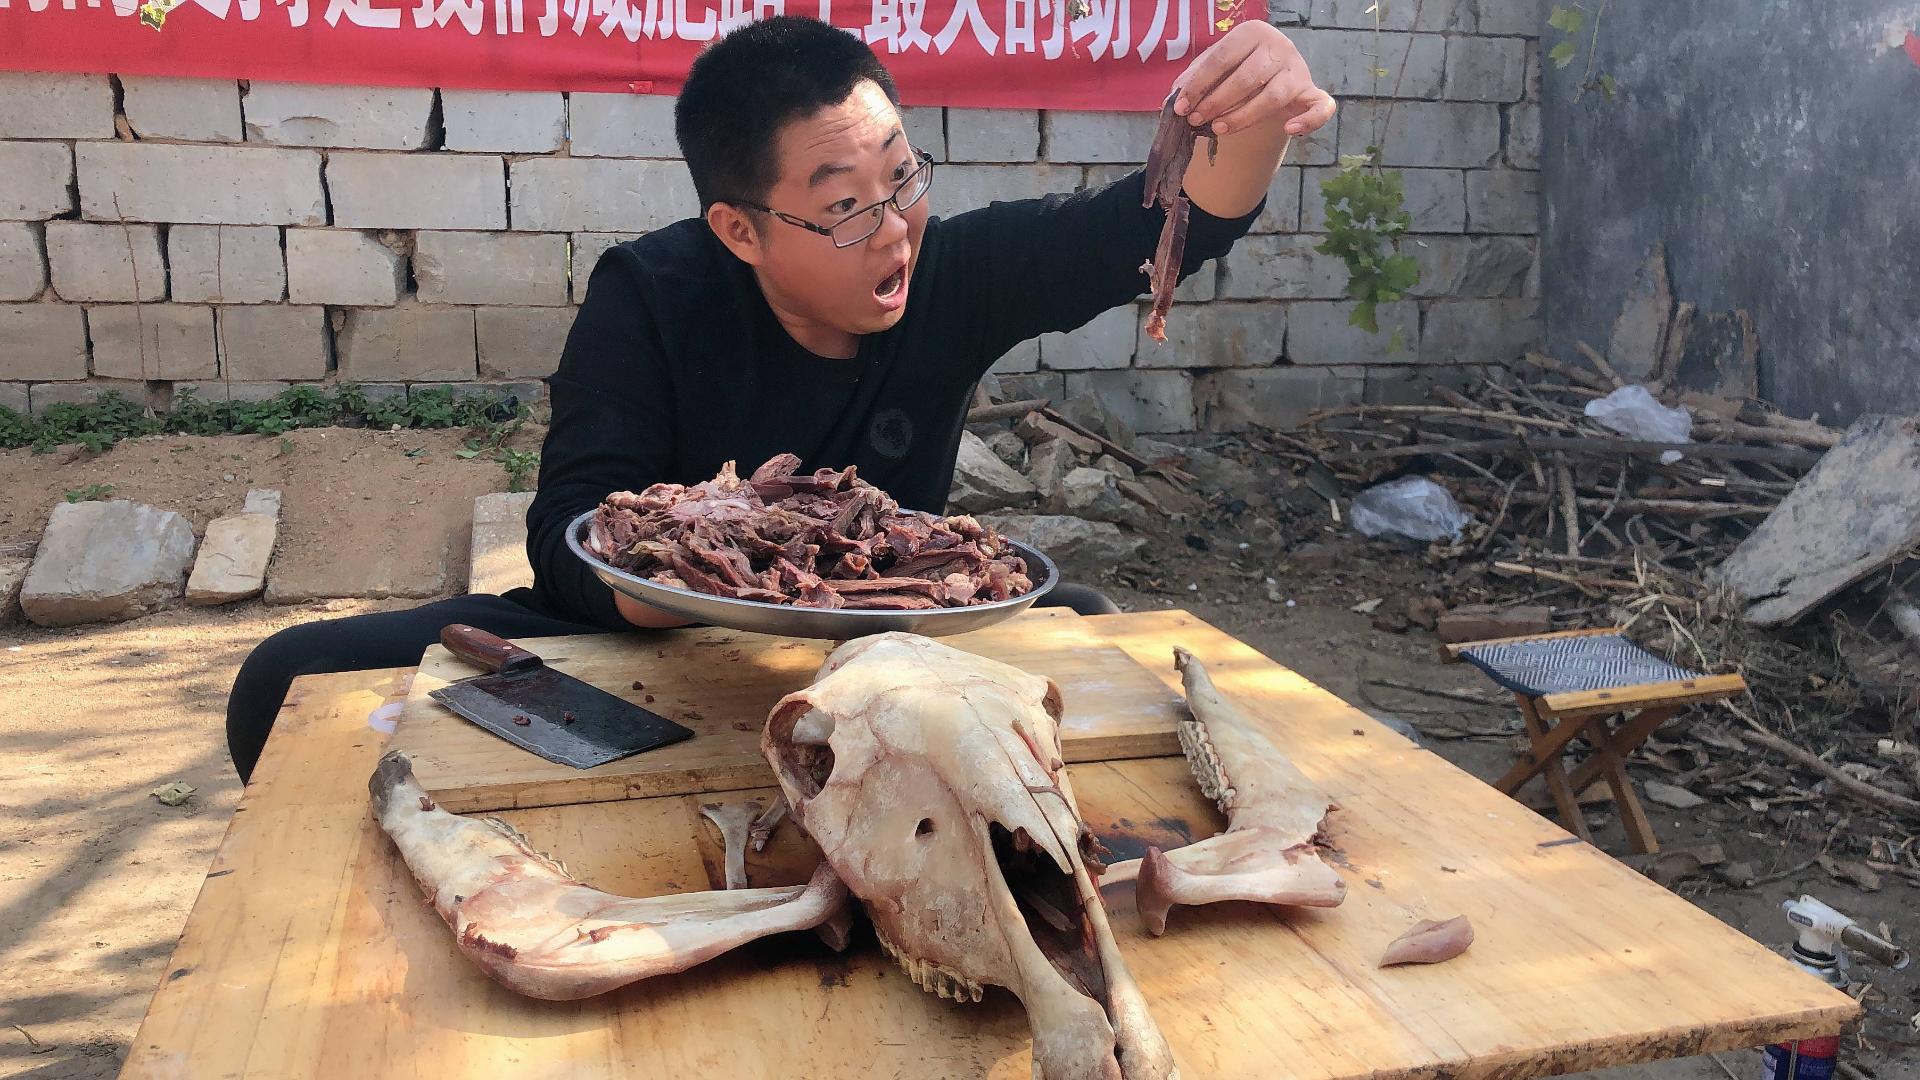 350块钱买了一个大驴头,拆了满满一盘肉,感觉自己赚大了!